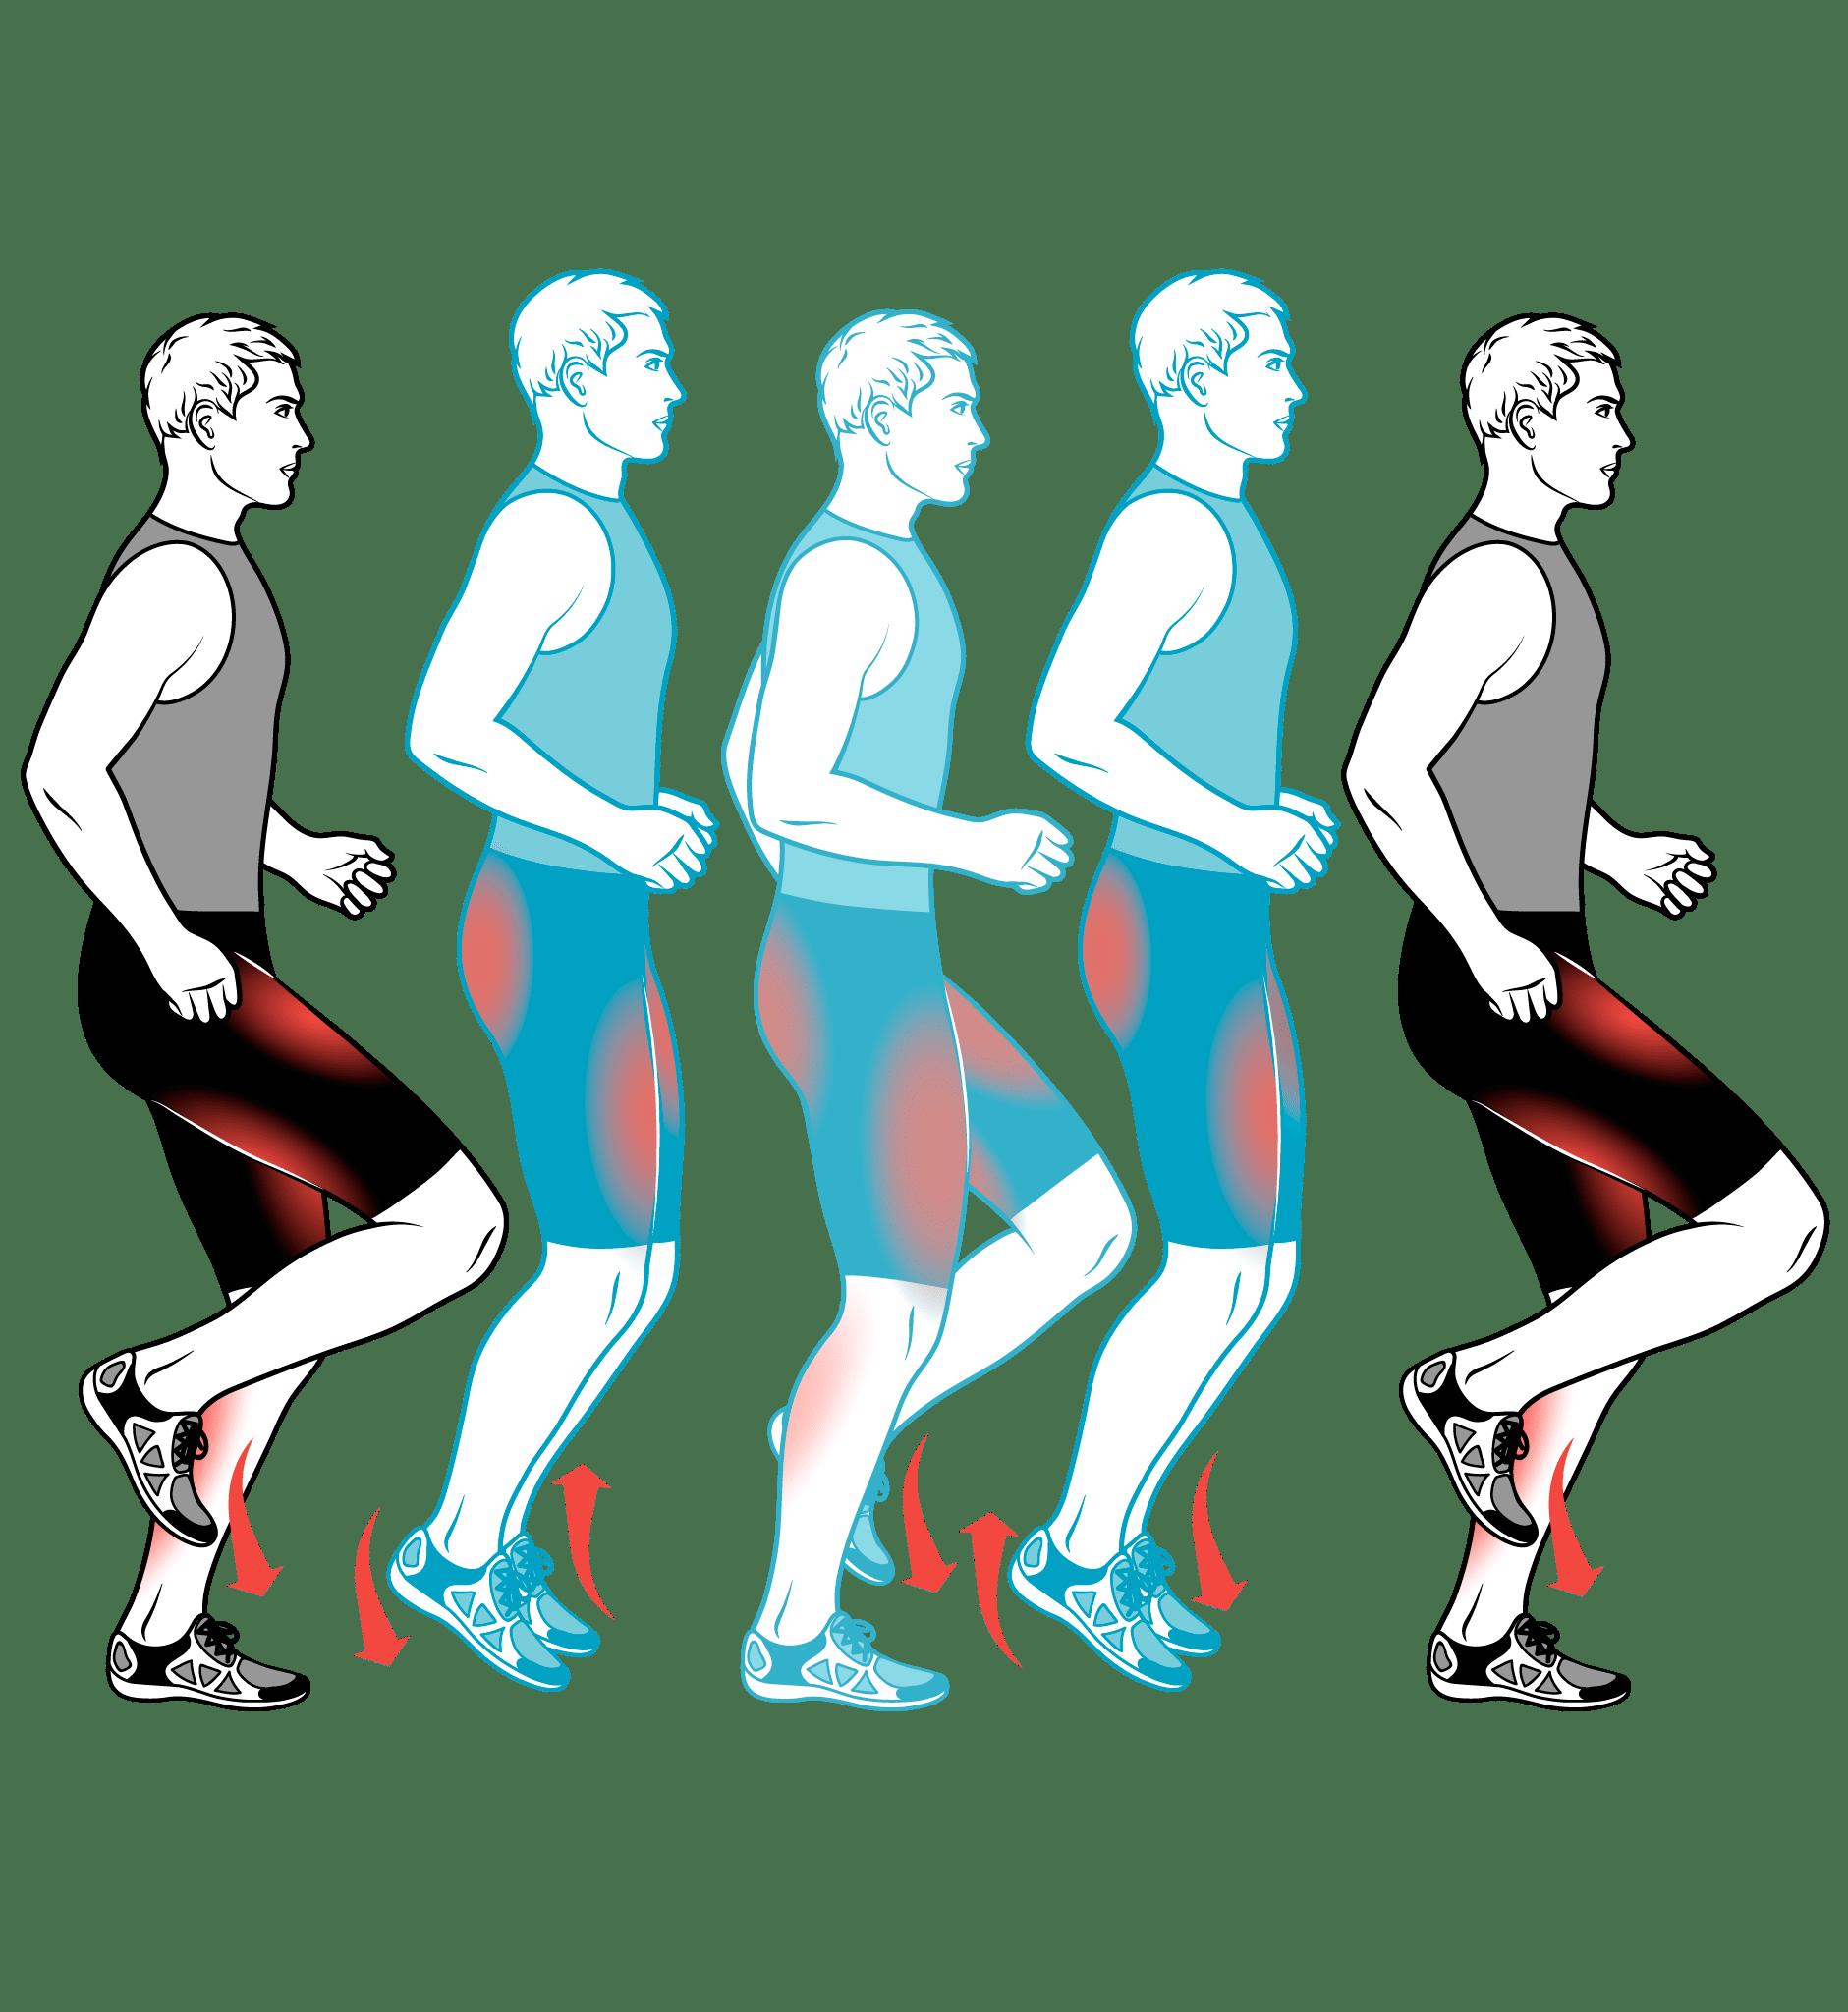 Чередование бега ходьбы похудение